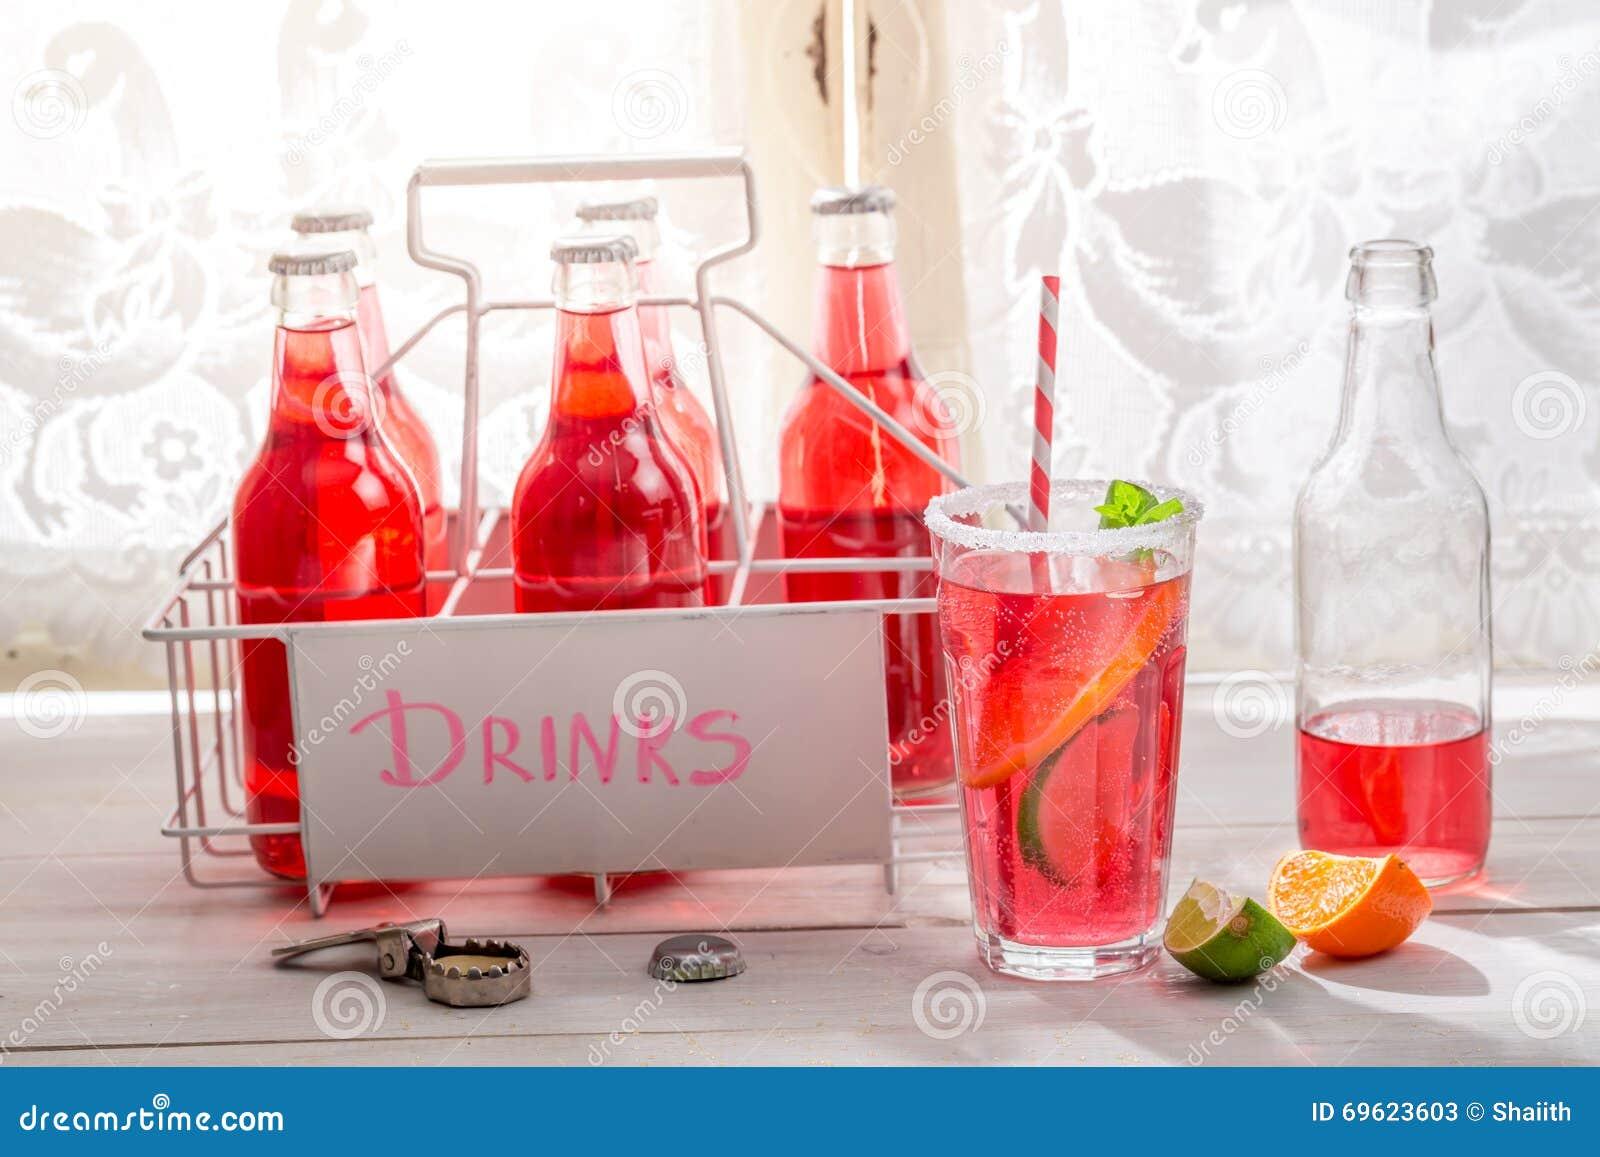 Smakelijke rode orangeade in fles met citrusvruchten